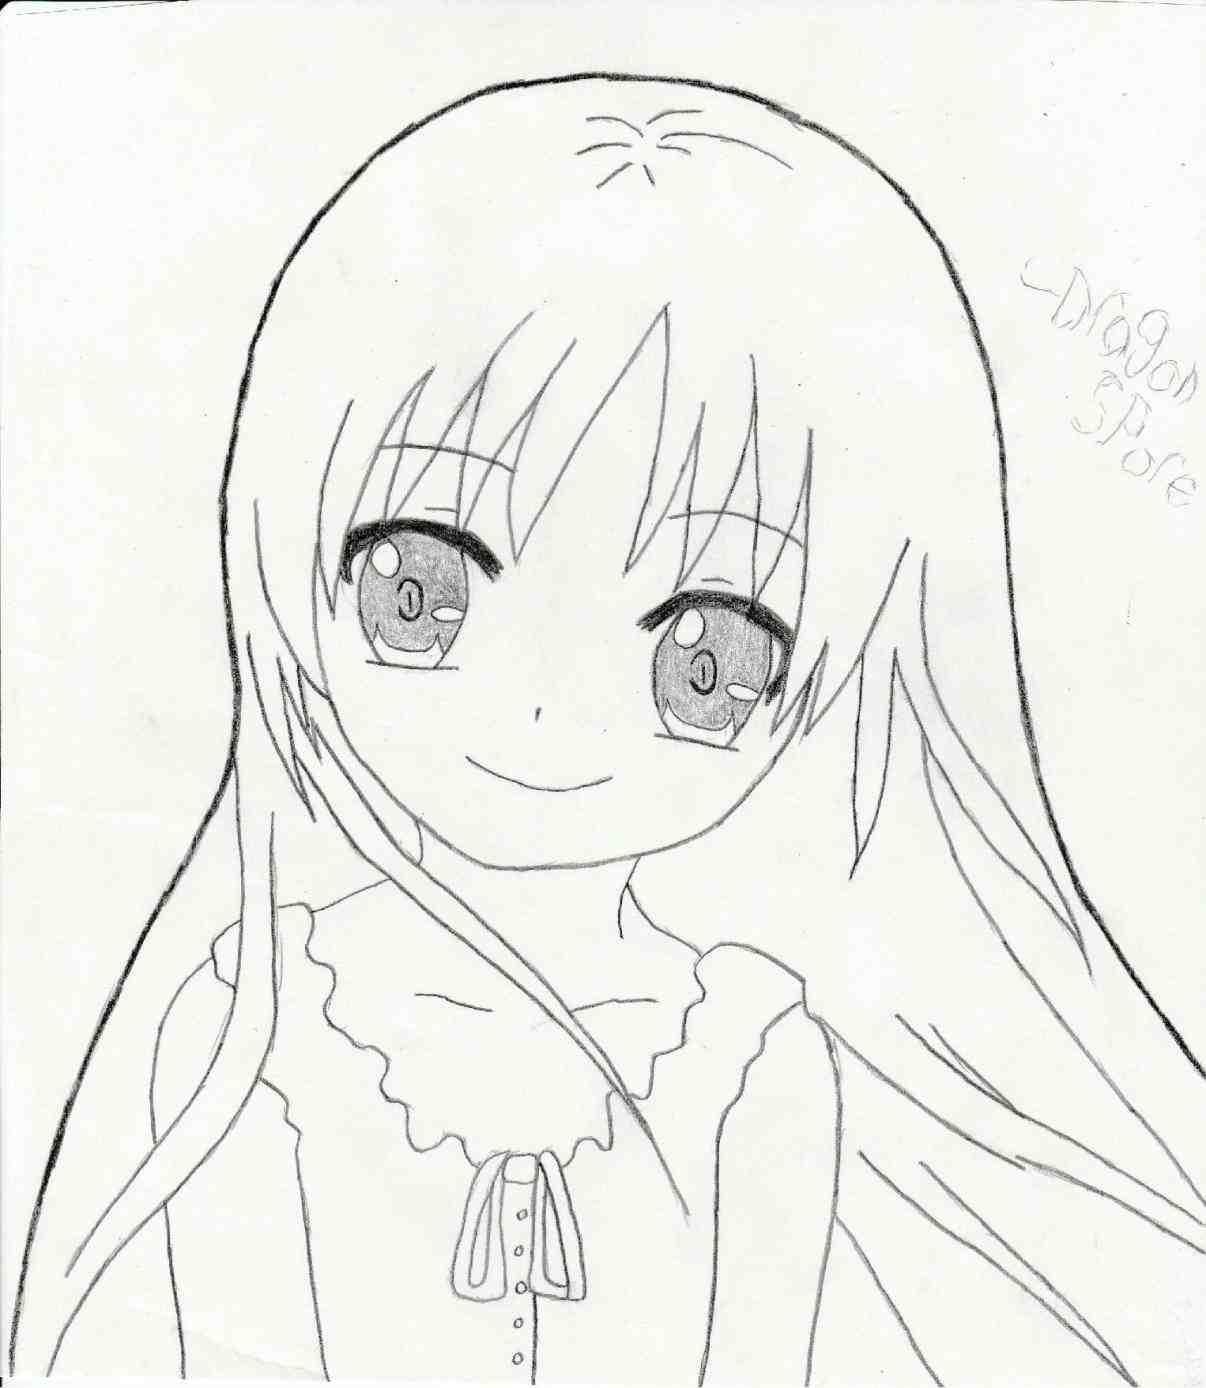 1206x1388 Step07 Chibi Girl Anime Manga Mouse Hat. Kawaii Anime Drawings